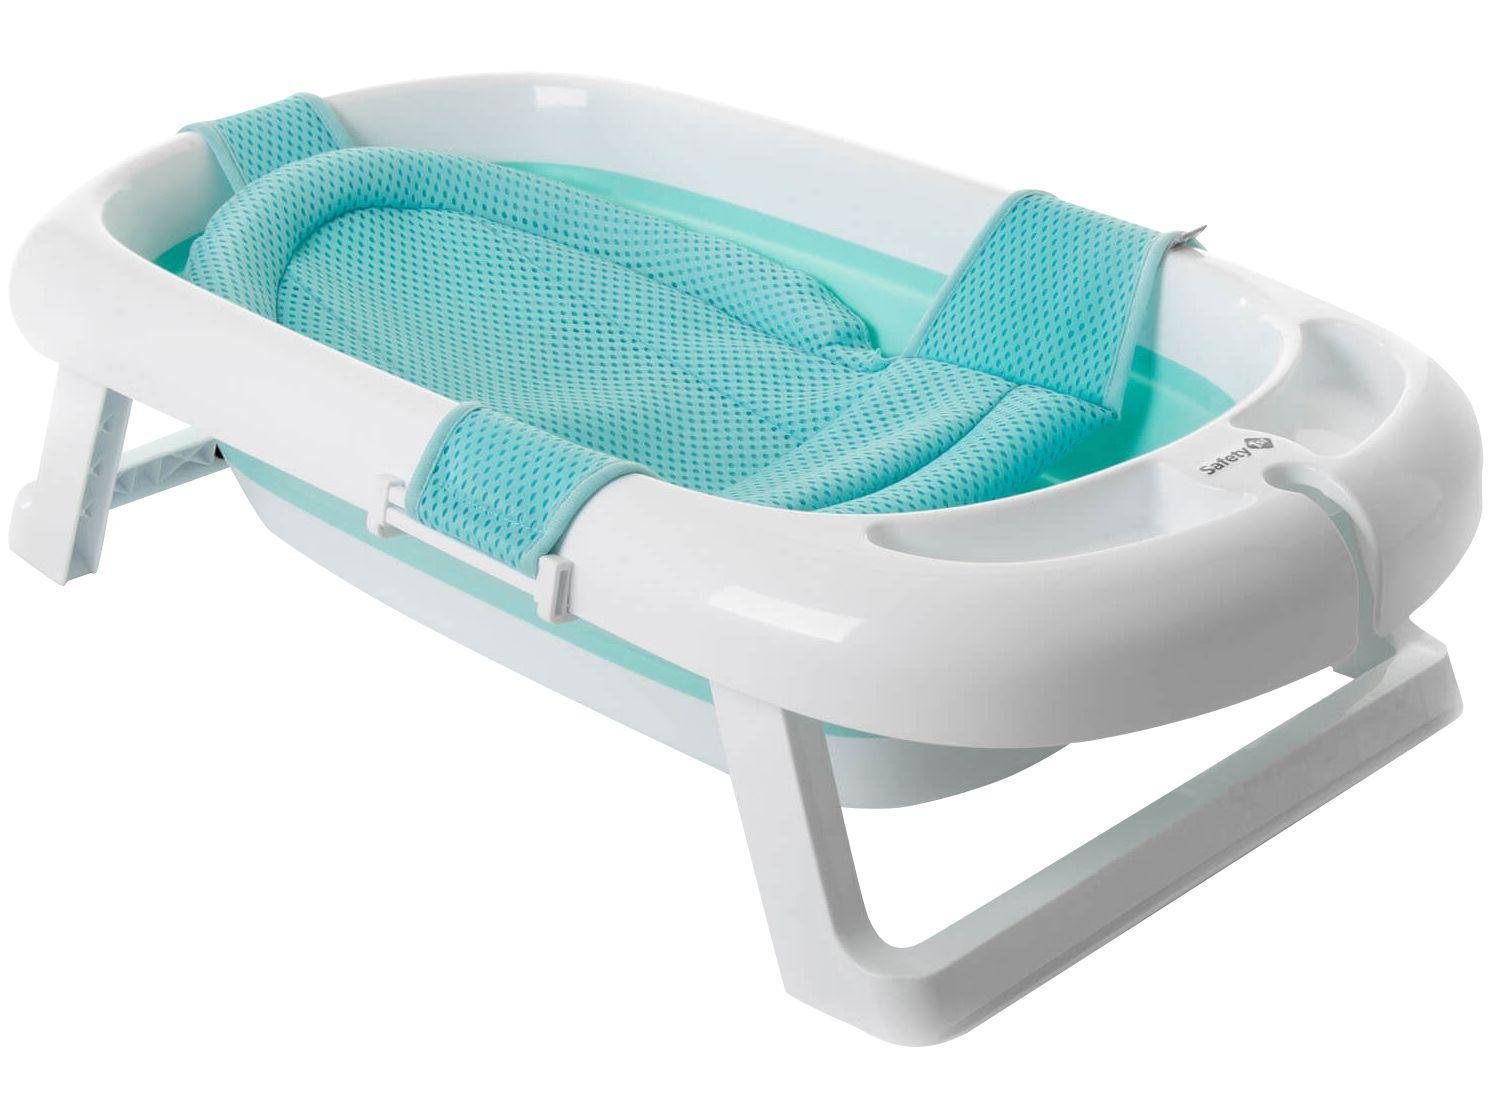 Banheira de Bebê Safety 1st Comfy & Safe - IMP01522 Dobrável